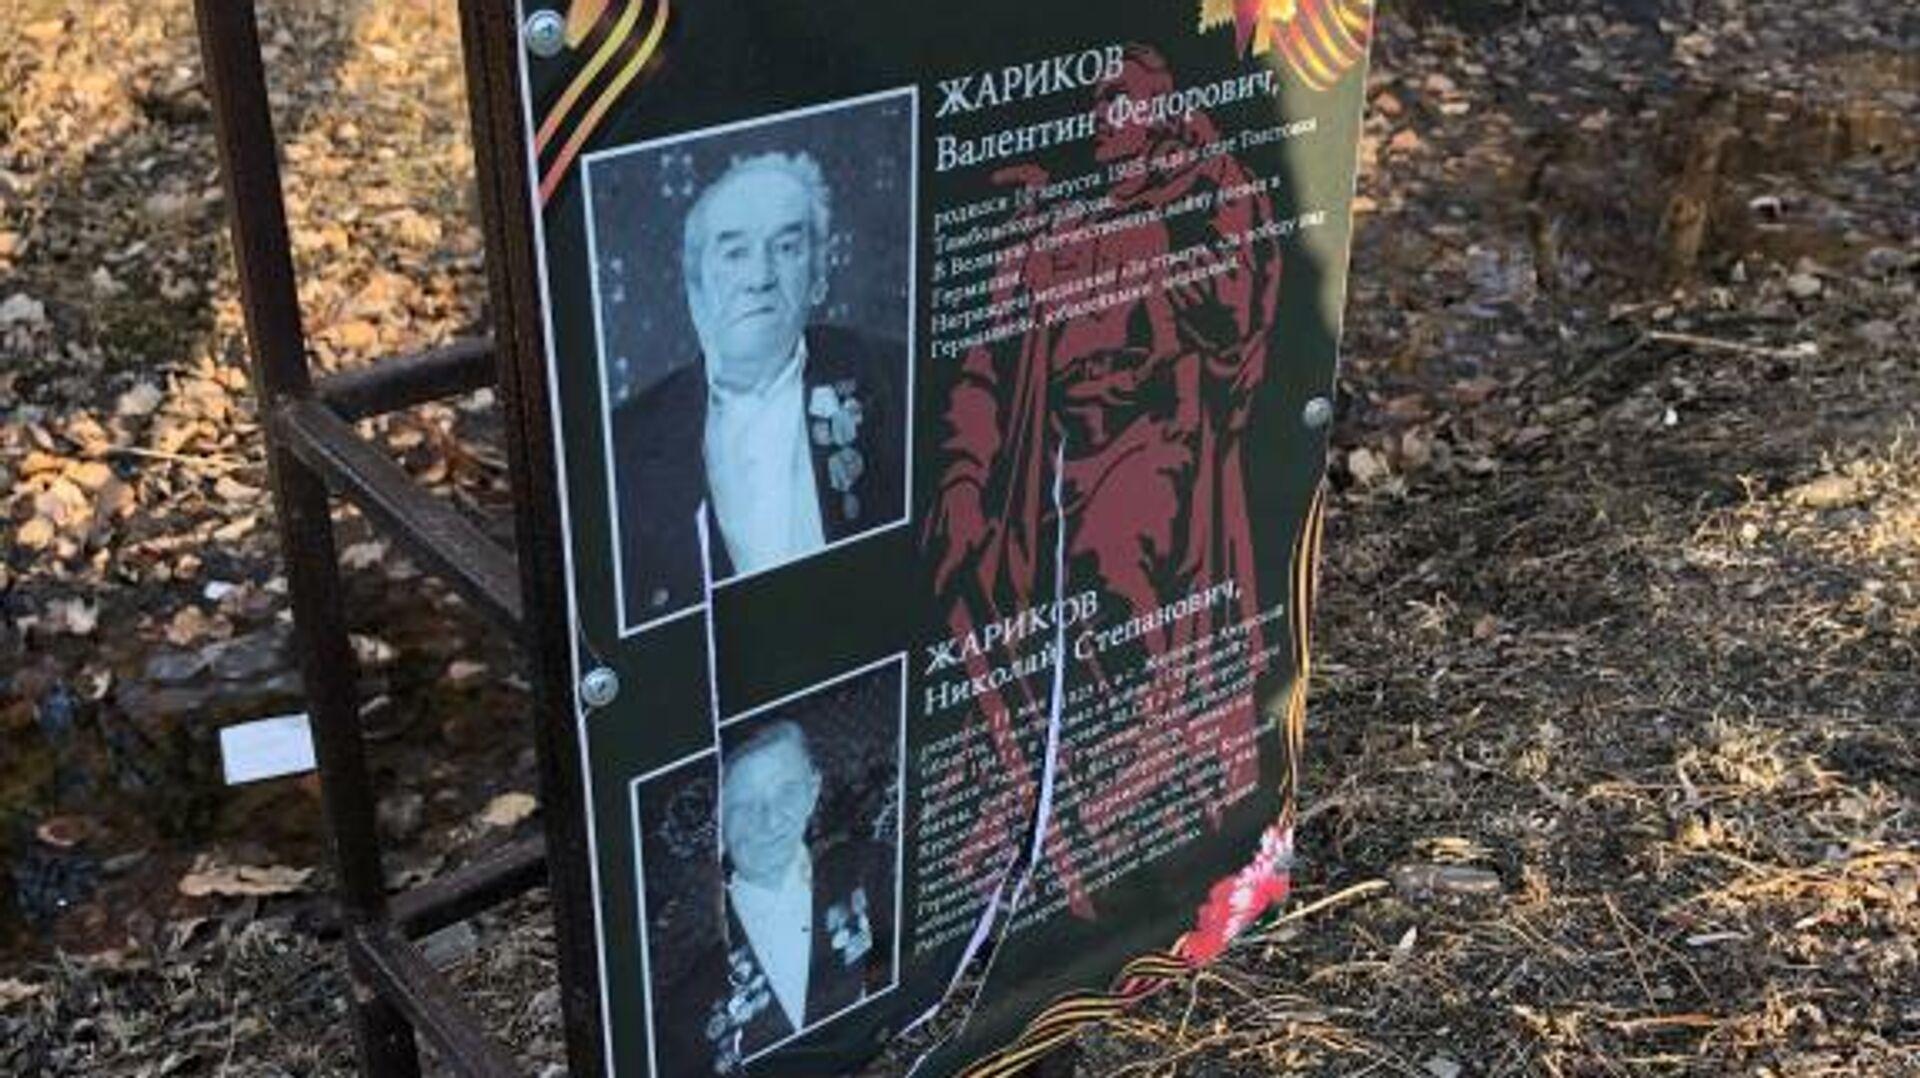 В Кировской области нашли подростков, поджегших крест и венок на кладбище